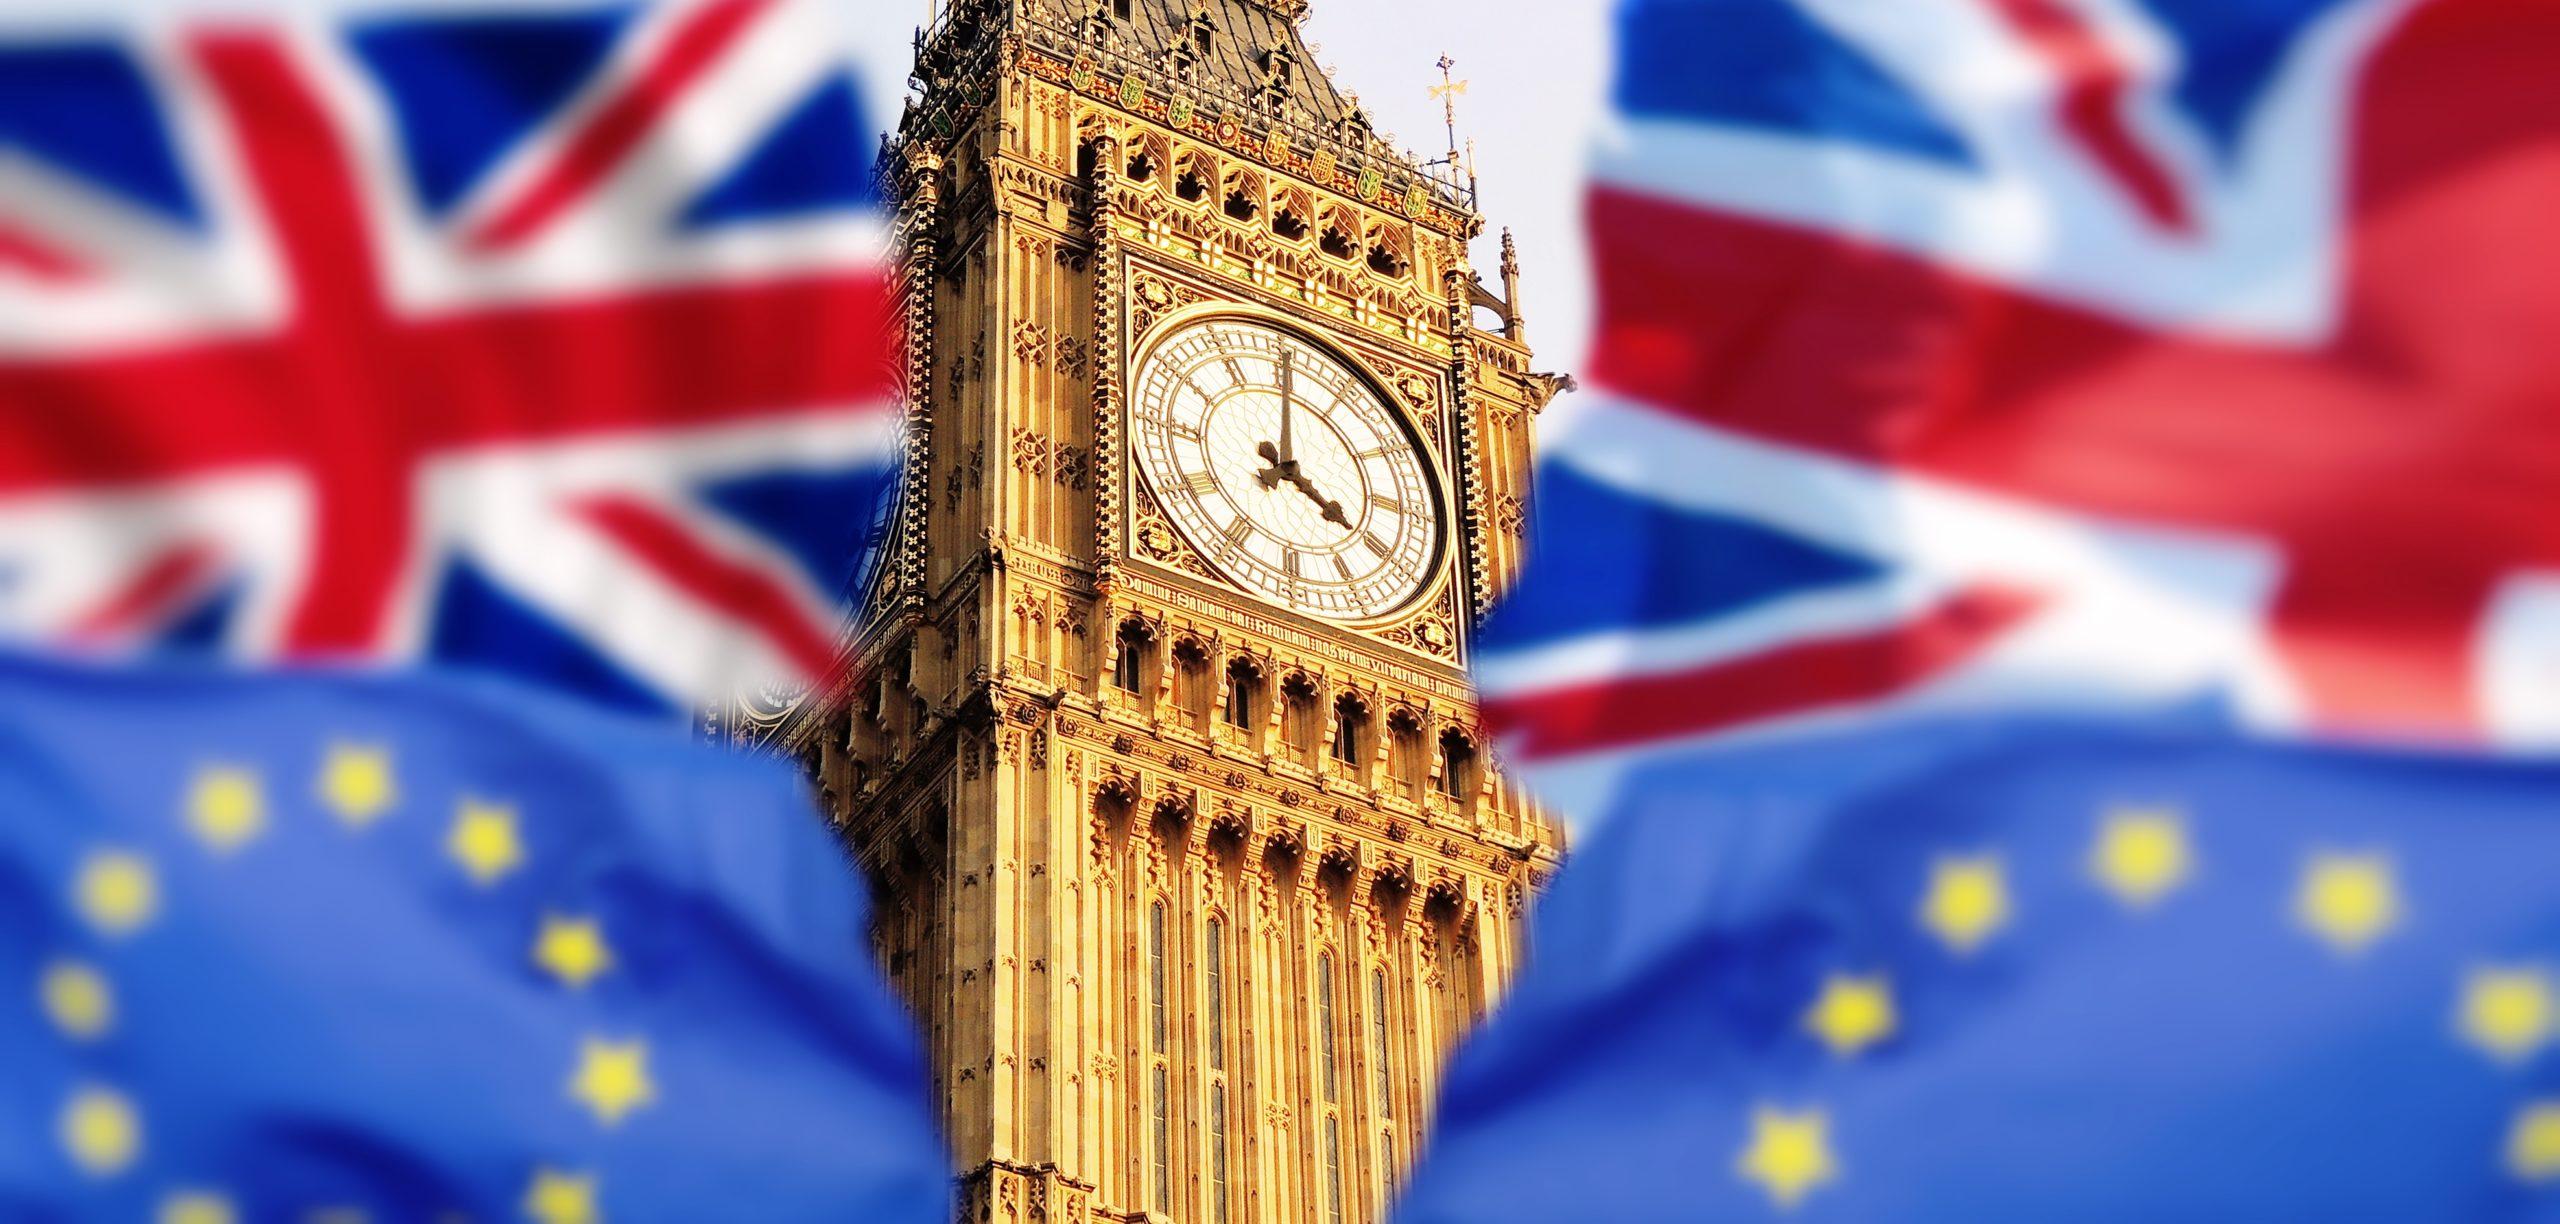 การสอบที่อังกฤษ ในปีหน้า จะล่าช้าออก ไปสามสัปดาห์ เพื่อให้มีเวลาสอนเพิ่ม